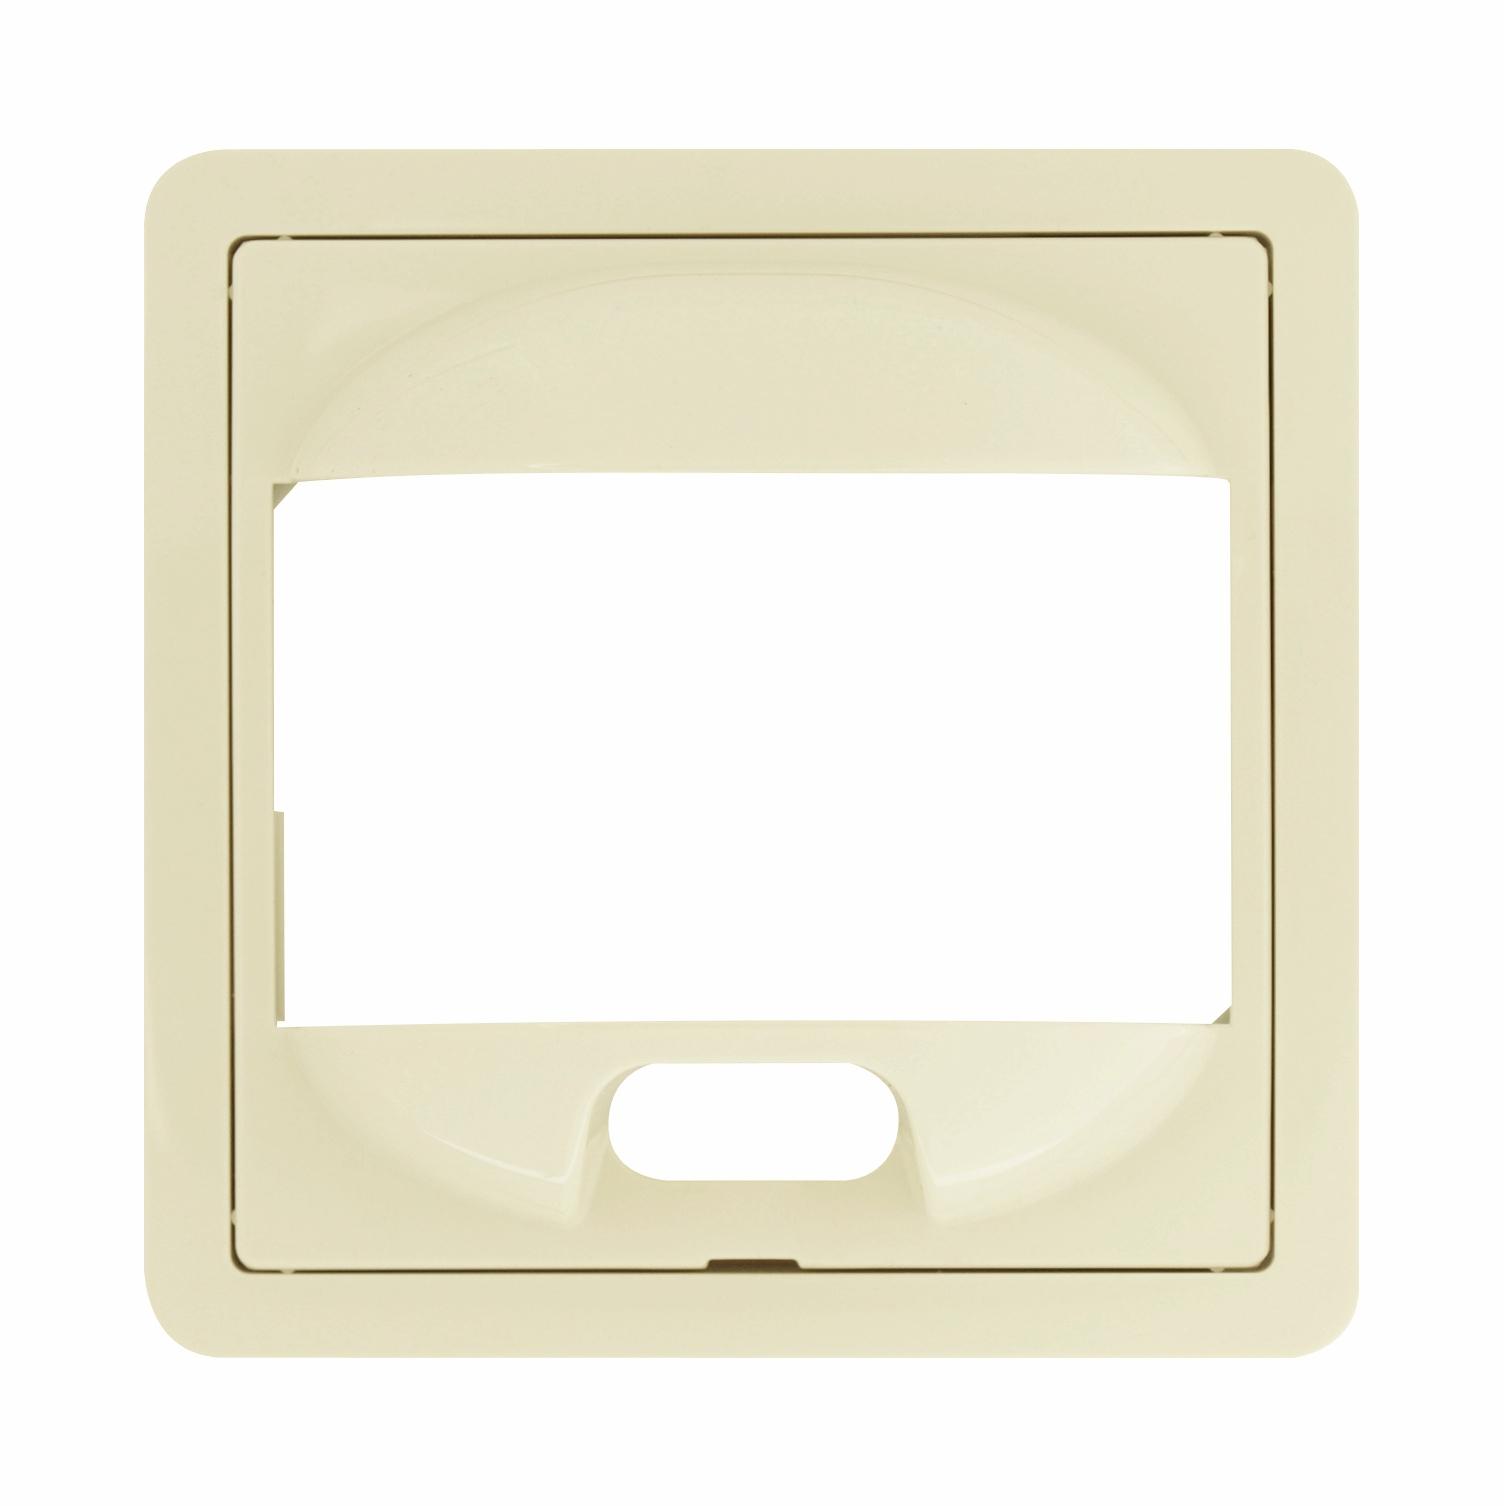 1 Stk Zentralplatte für PIR-Bewegungsmelder, F/S/R, perlweiß EL227080--